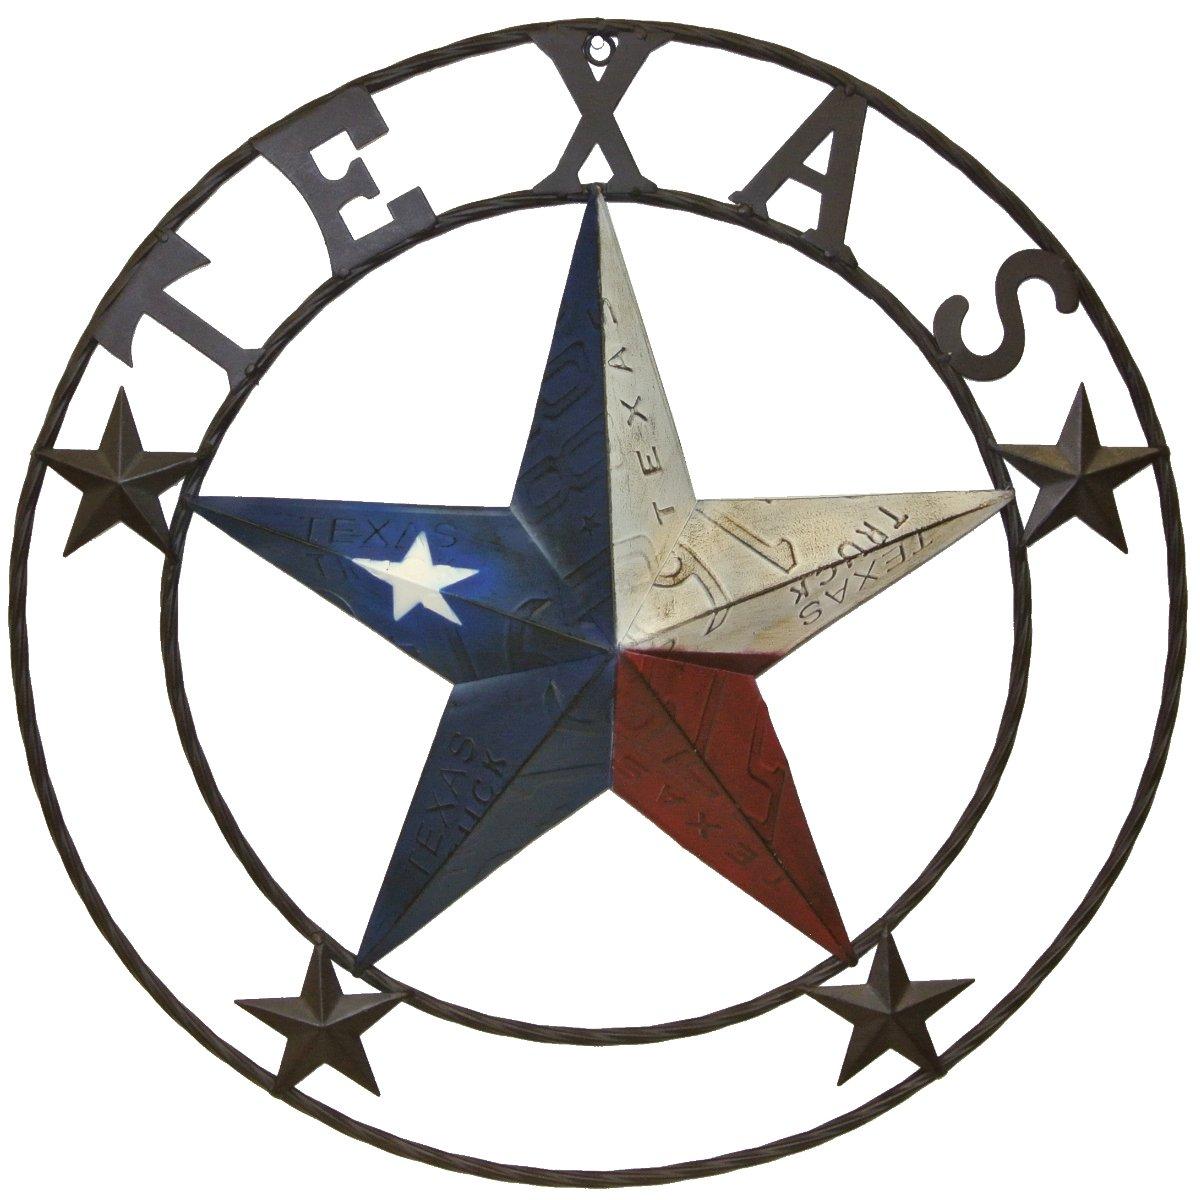 1200x1200 Texas Star In A Circle Clipart